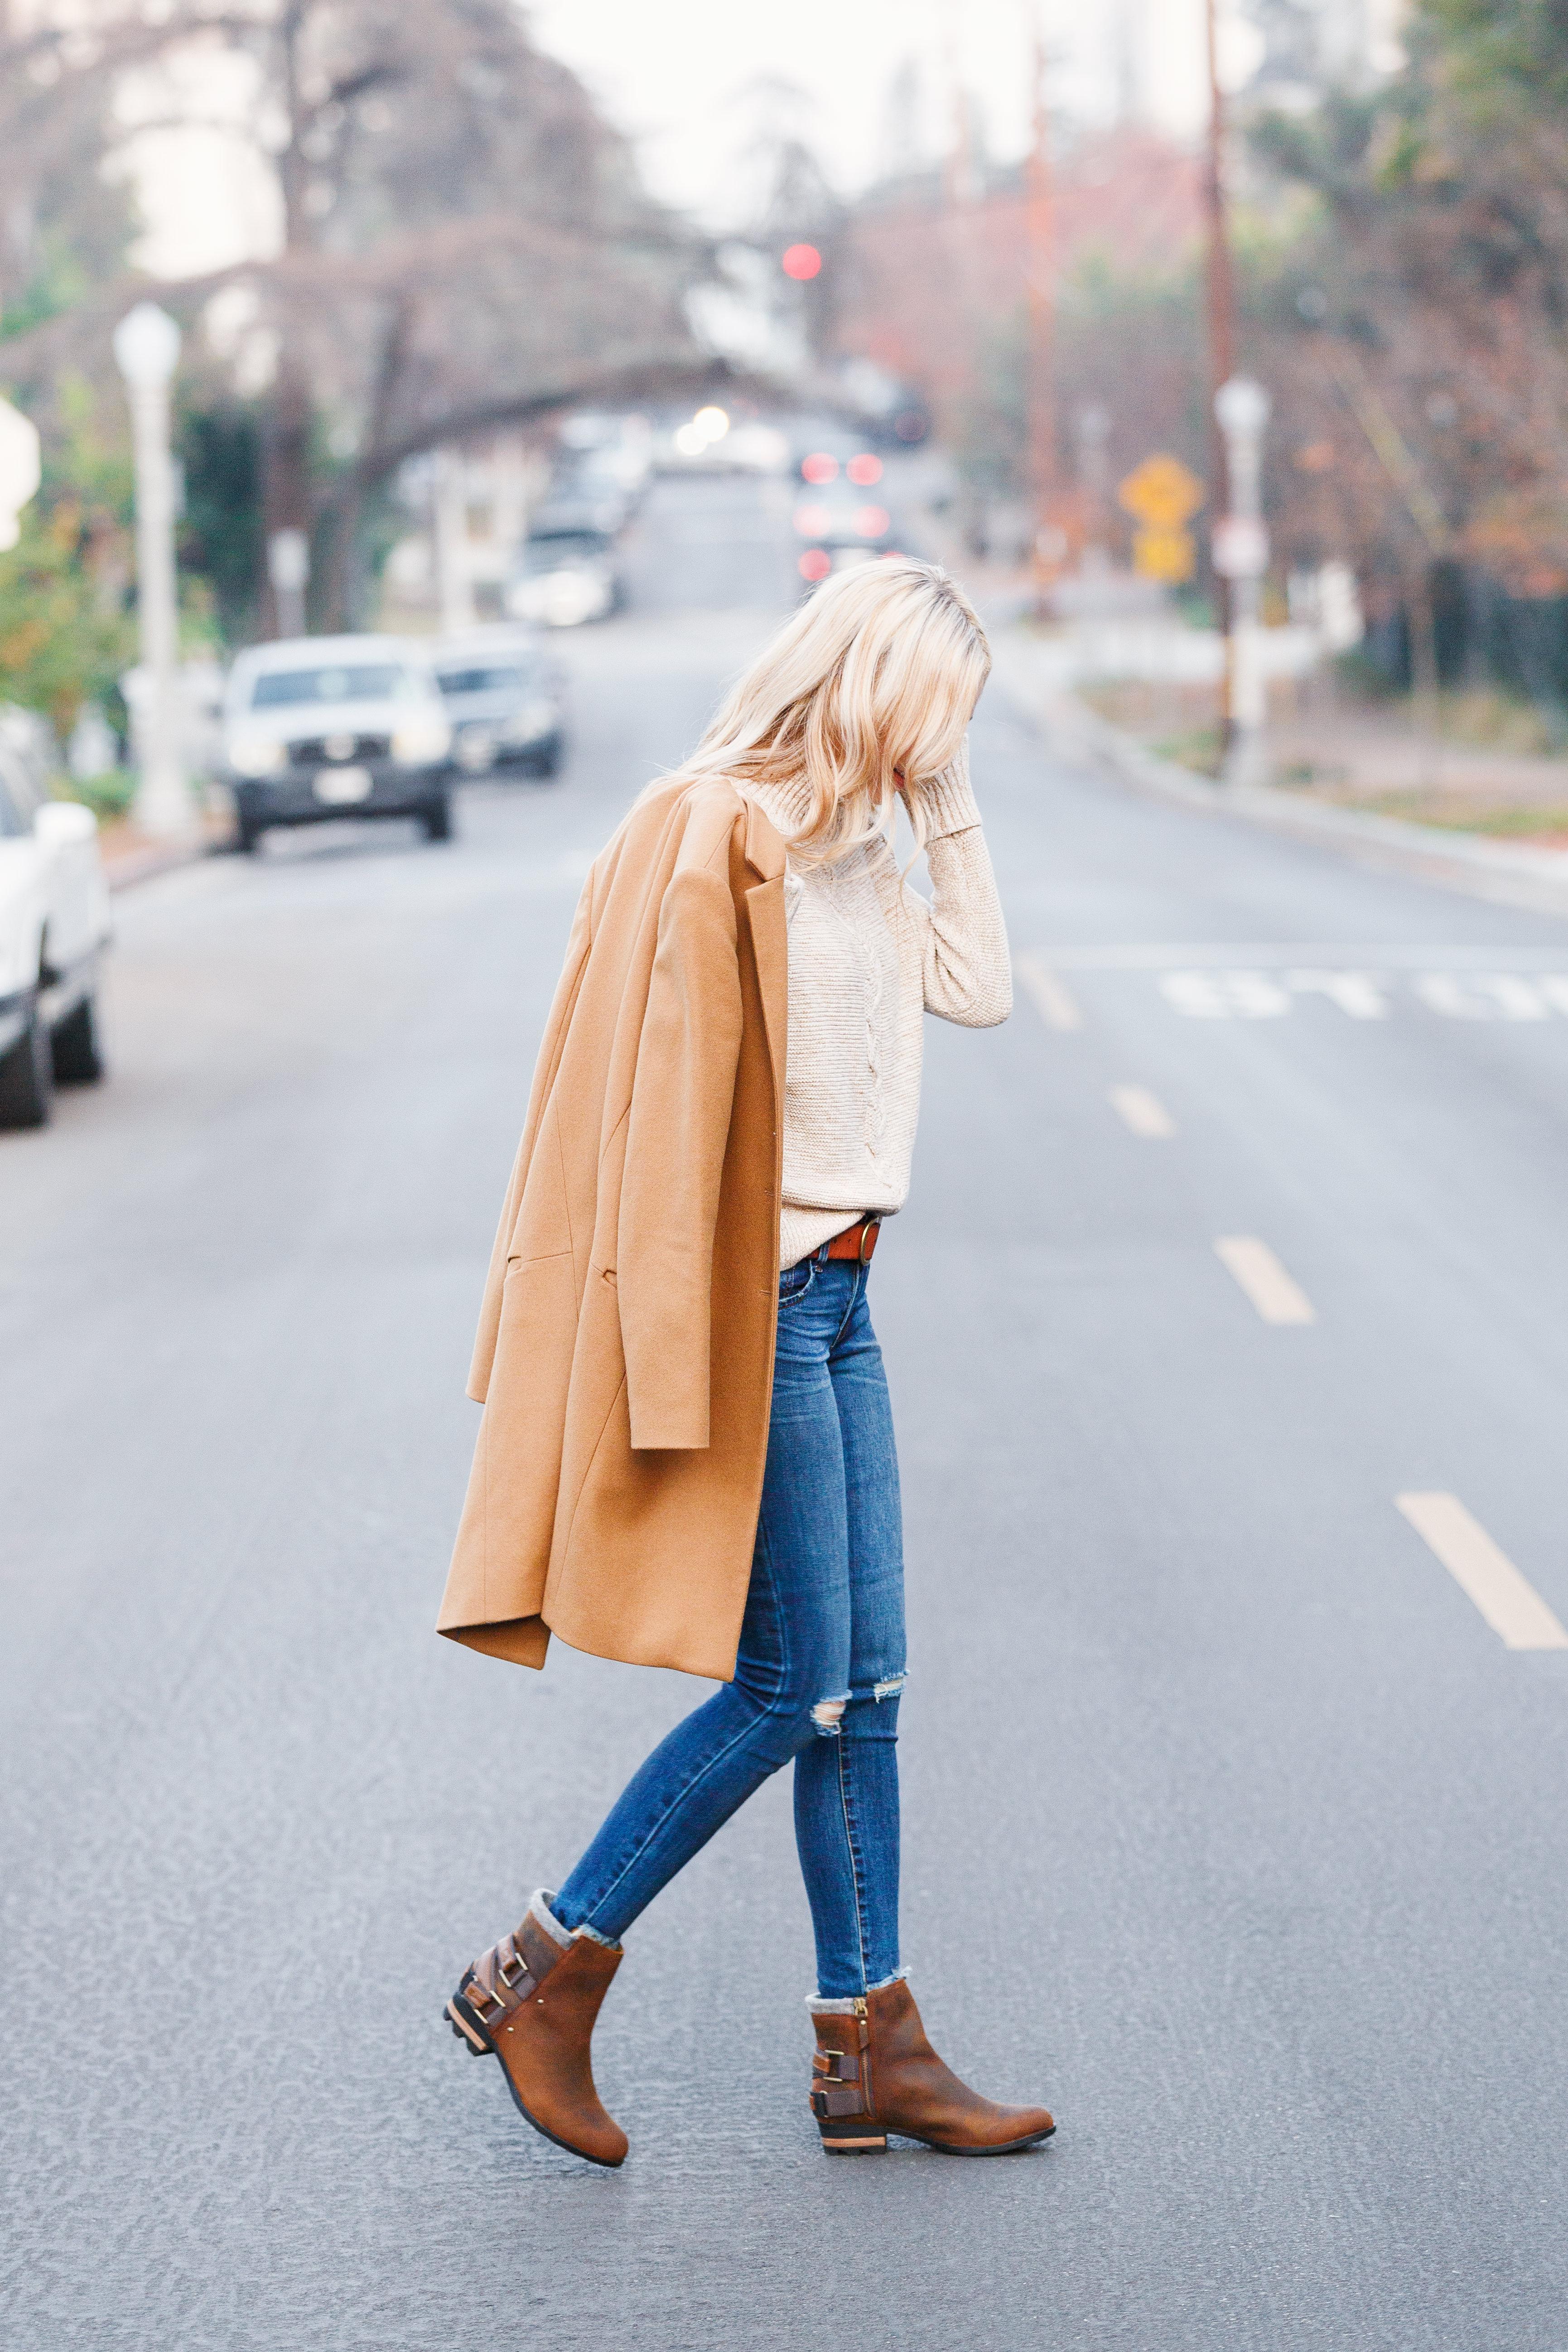 SOREL Fashion Footwear